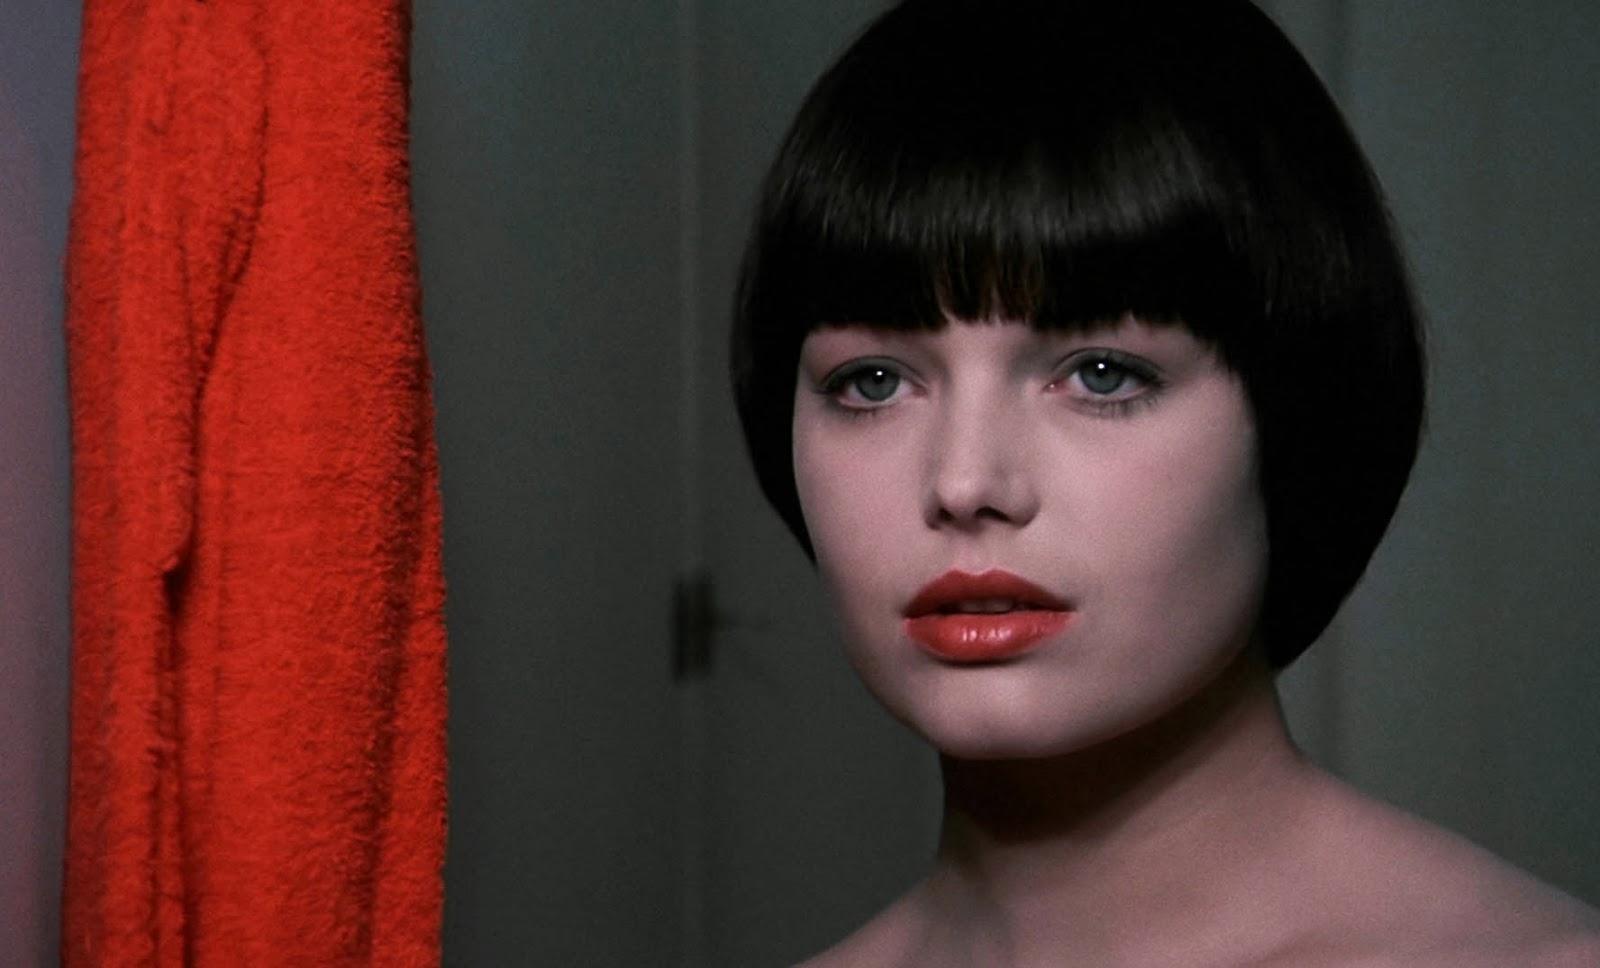 Andrea Rau in Les lèvres rouges (1971)